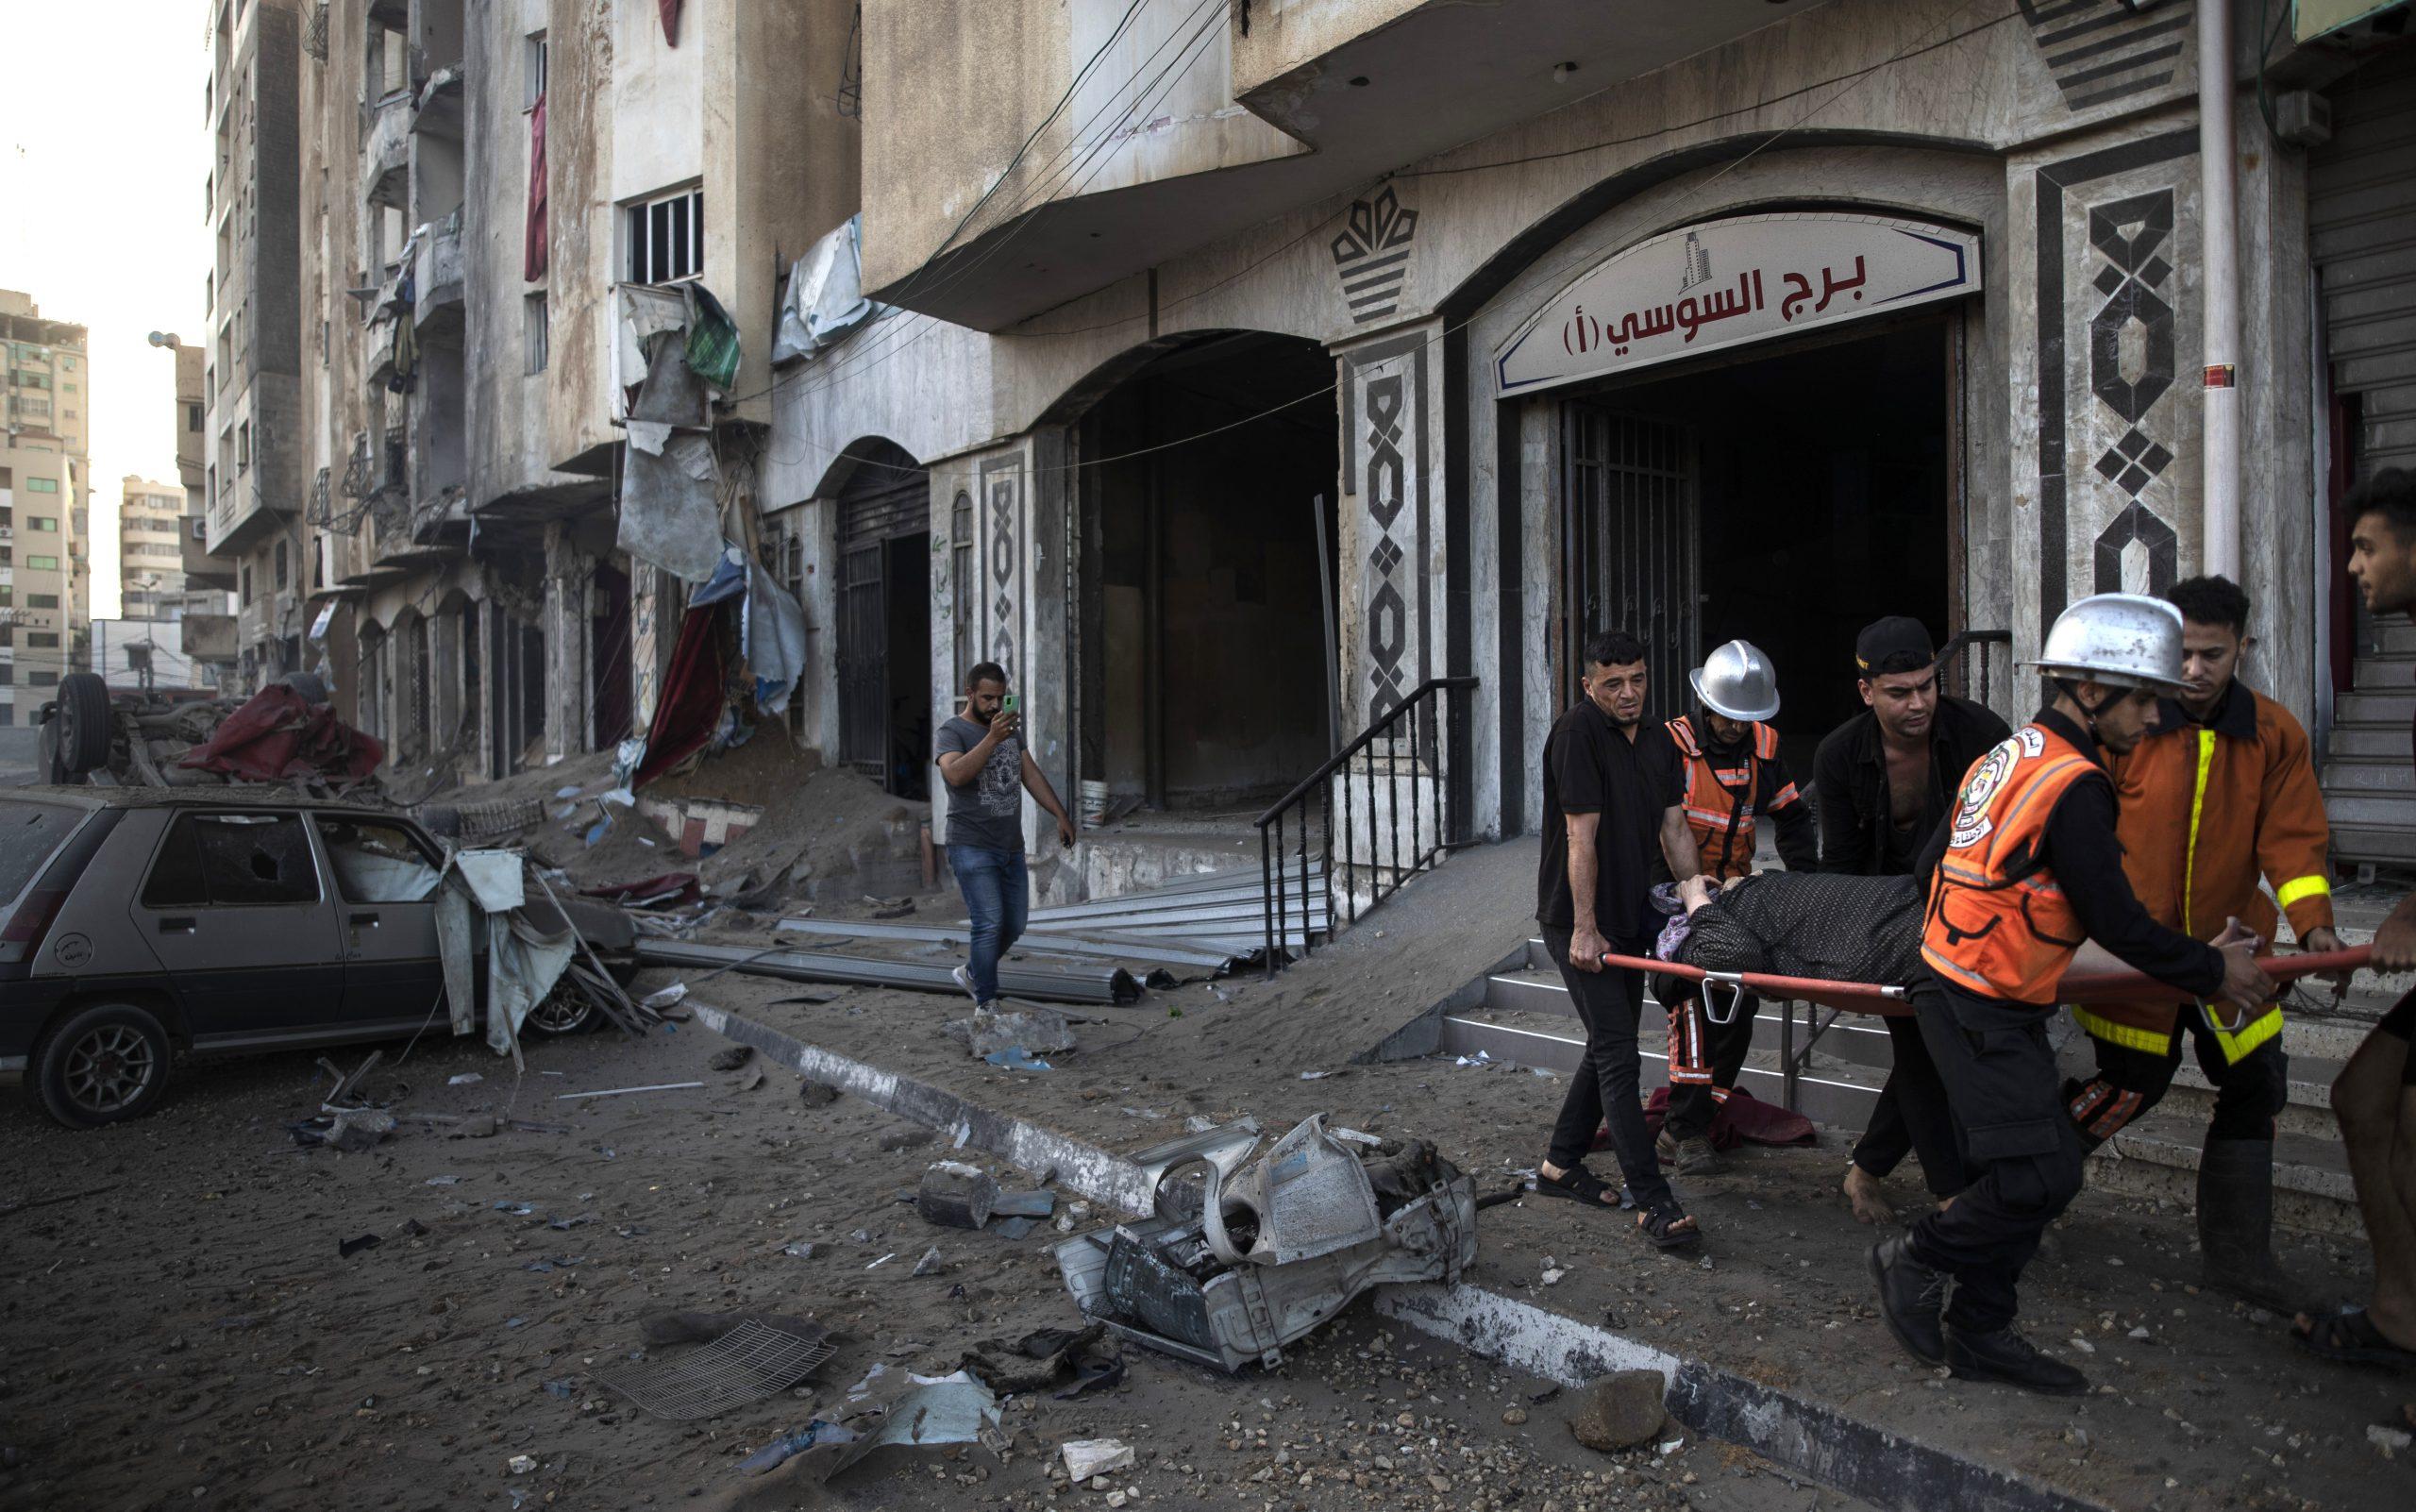 Izraelski borbeni avioni srušili najveću višespratnicu u gradu Gazi, Palestina raketirala Tel Aviv i Beršebu 1